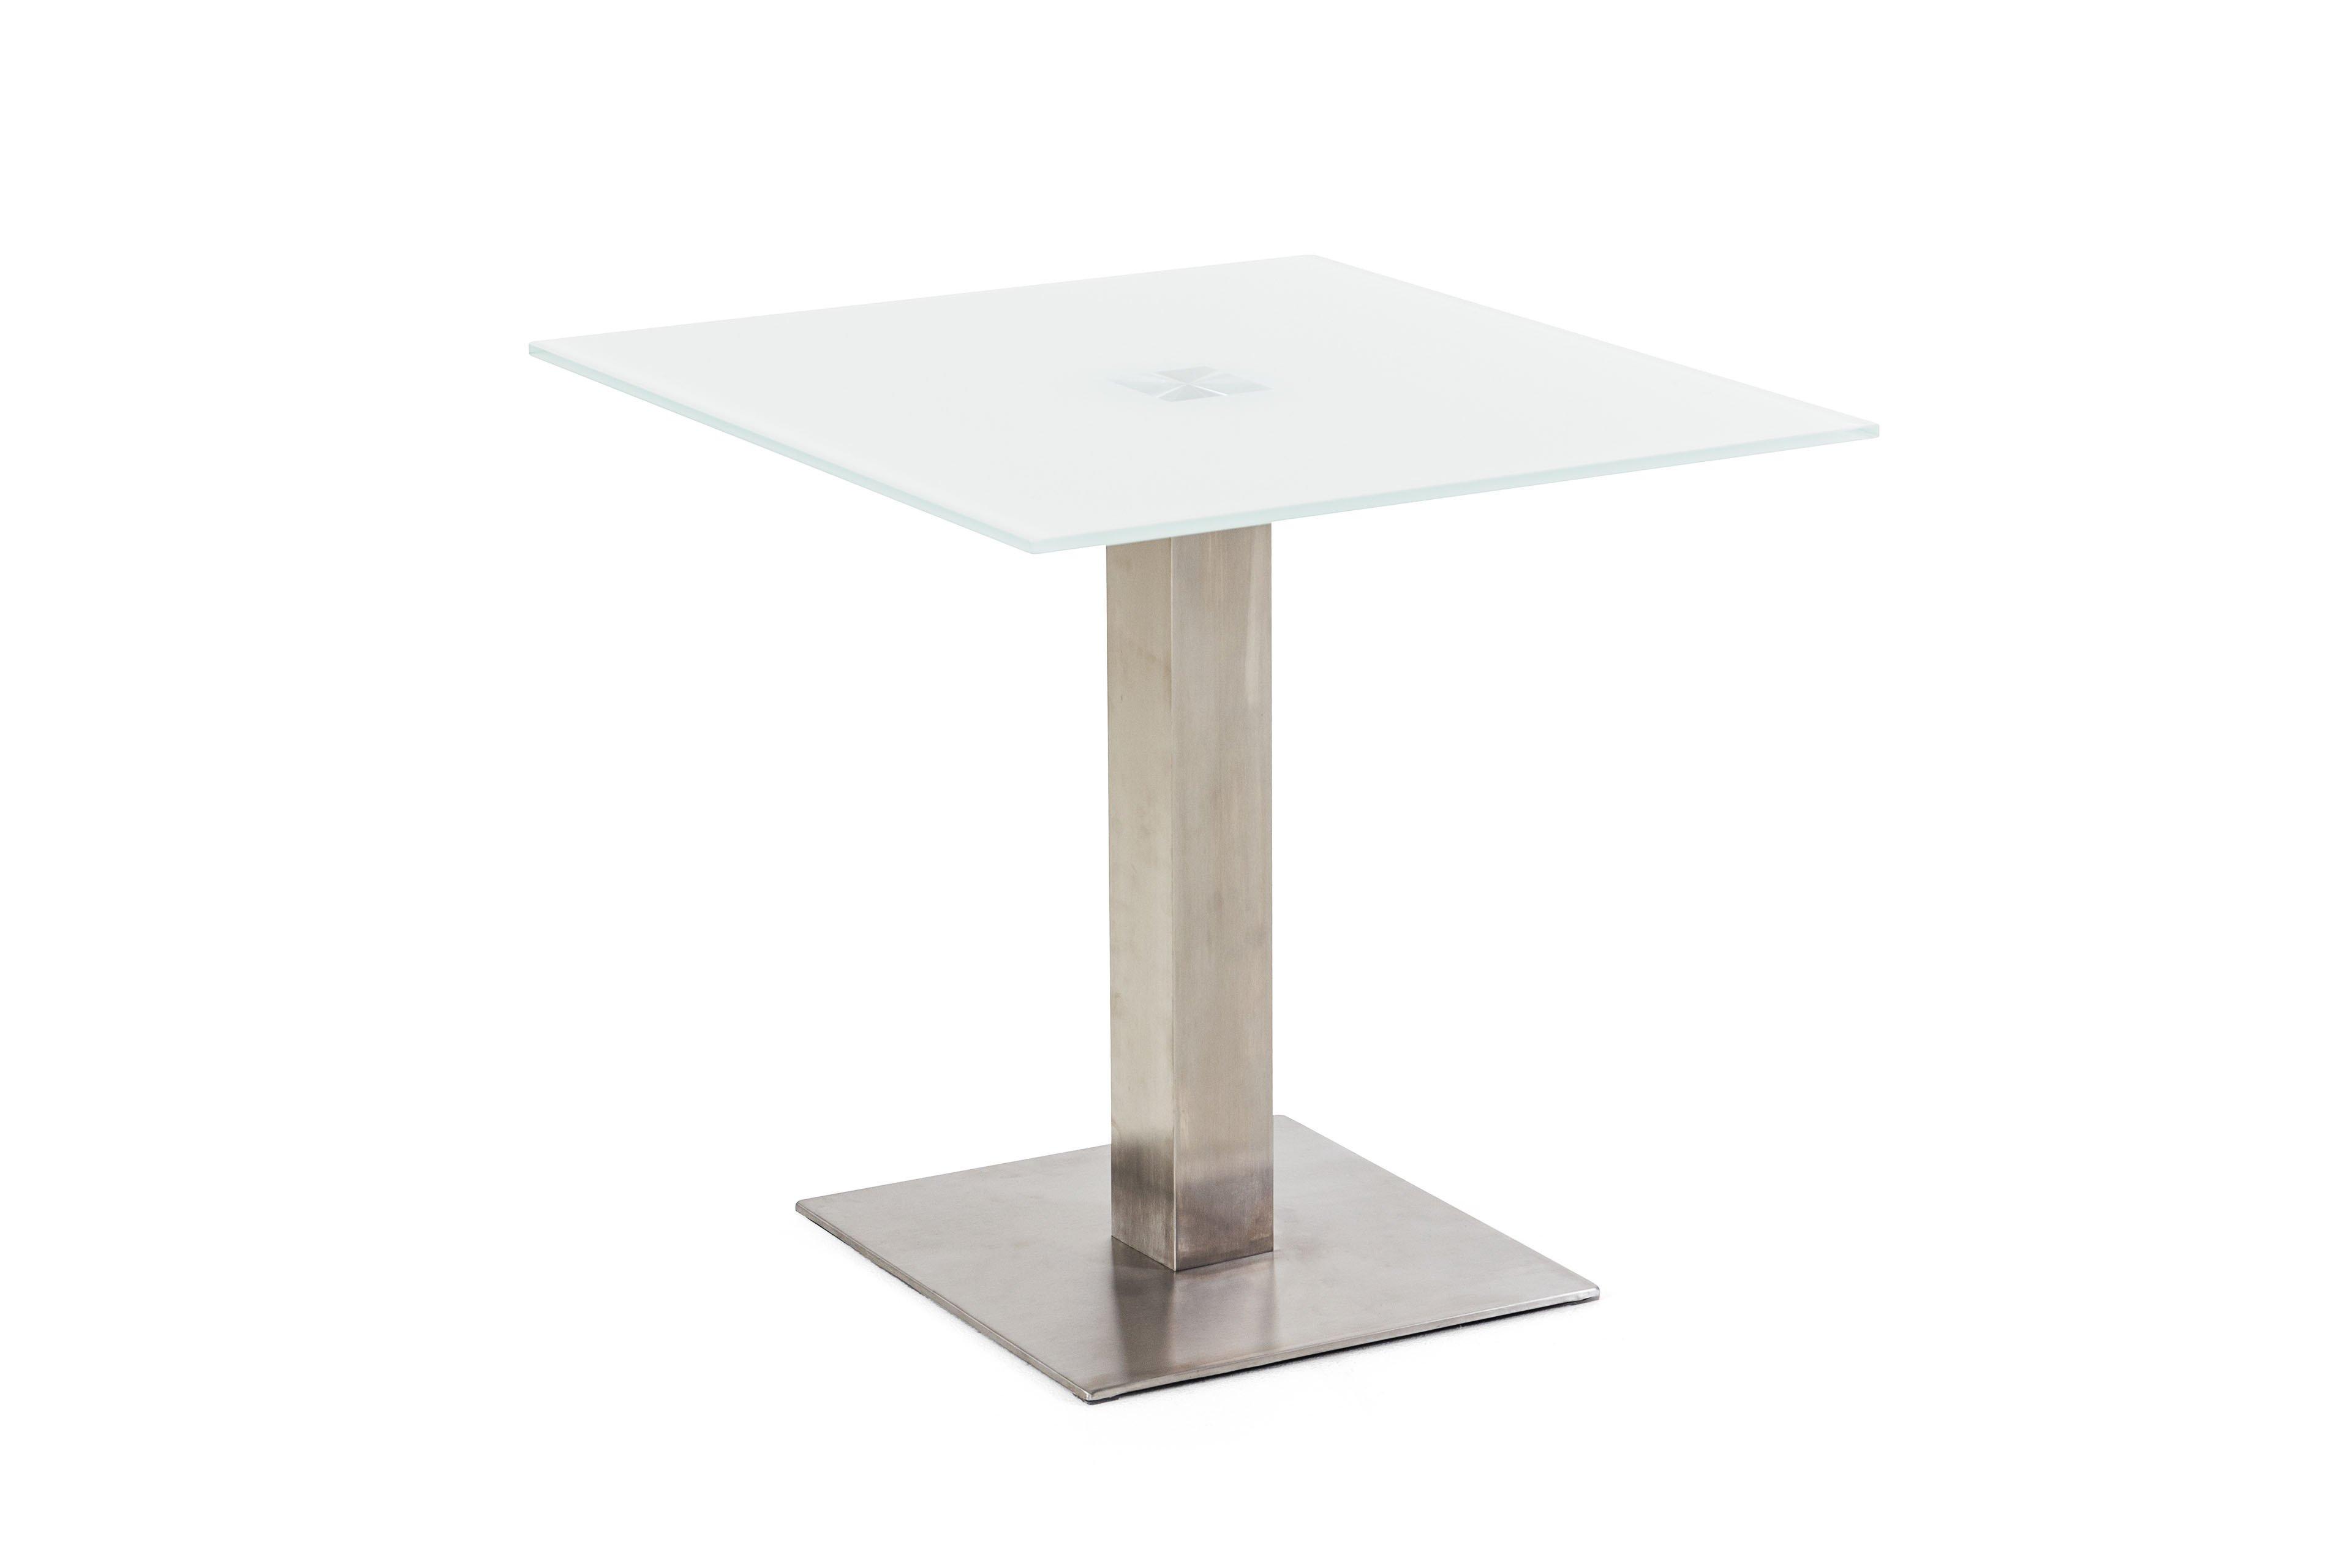 bartisch nova marquita white von mwa aktuell m bel letz ihr online shop. Black Bedroom Furniture Sets. Home Design Ideas